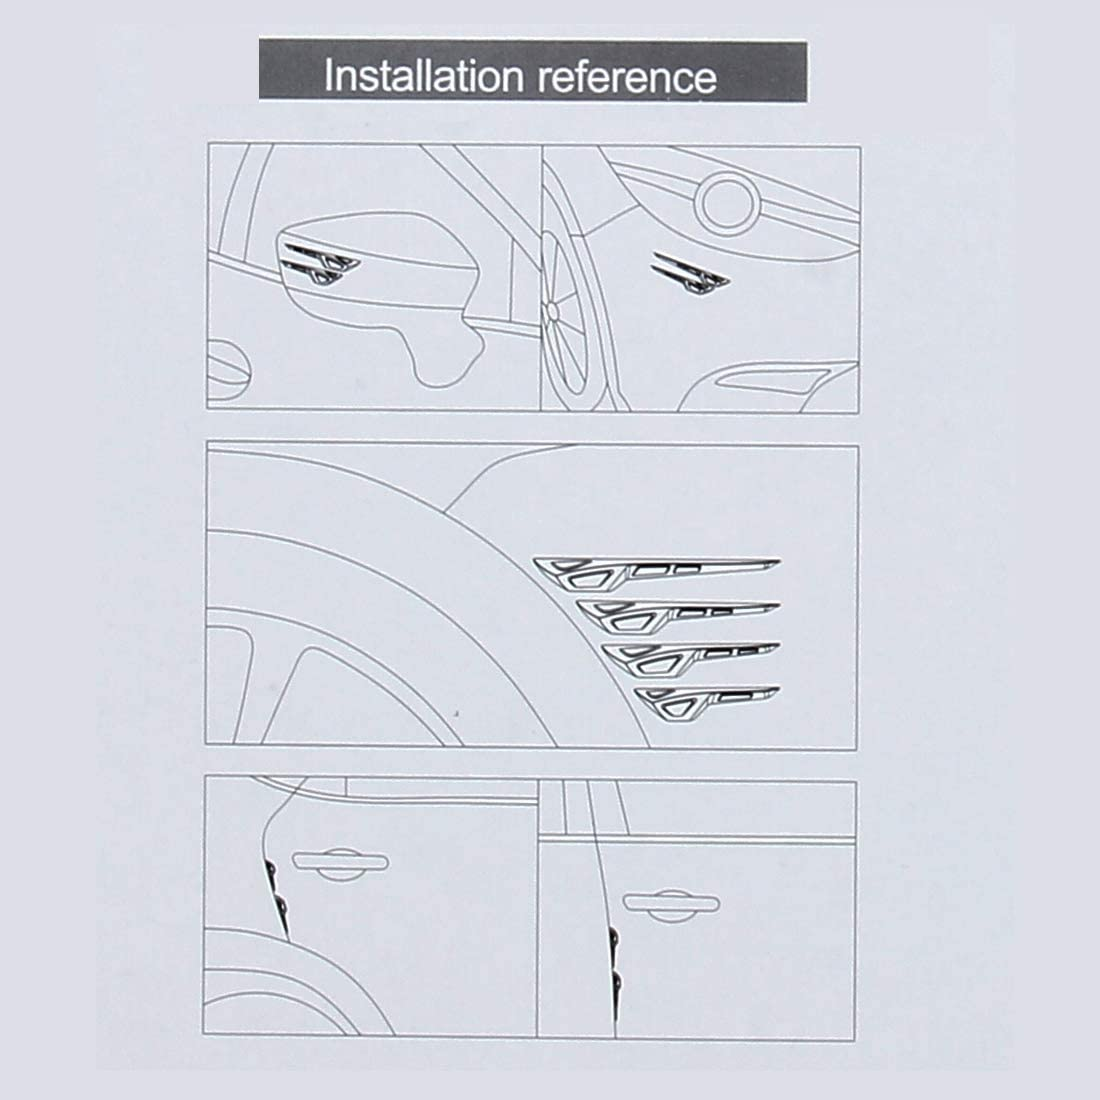 Bbyun Sportello dauto Protezione paraurti 8 PCS Auto Sportello di Veicolo Protezione Laterale Anti Crash Striscia Esterno Evitare Colpi Collsion Impact Protector Sticker